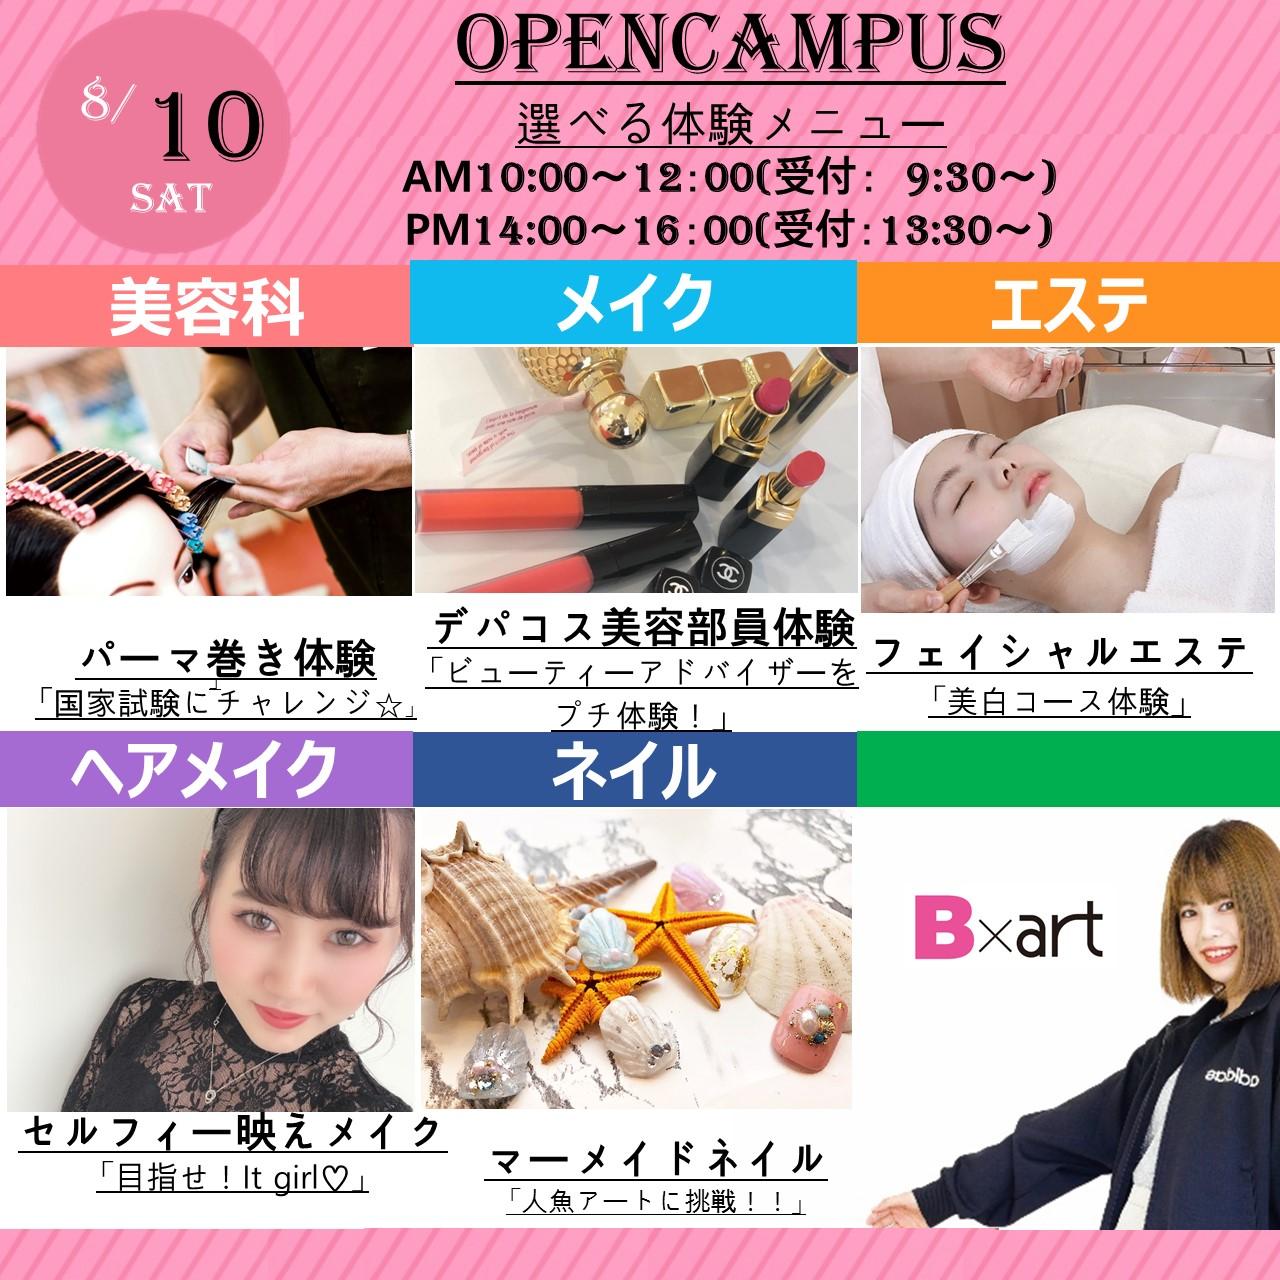 8月10日イベカレ用PPT フォーマット - 横VER.jpg